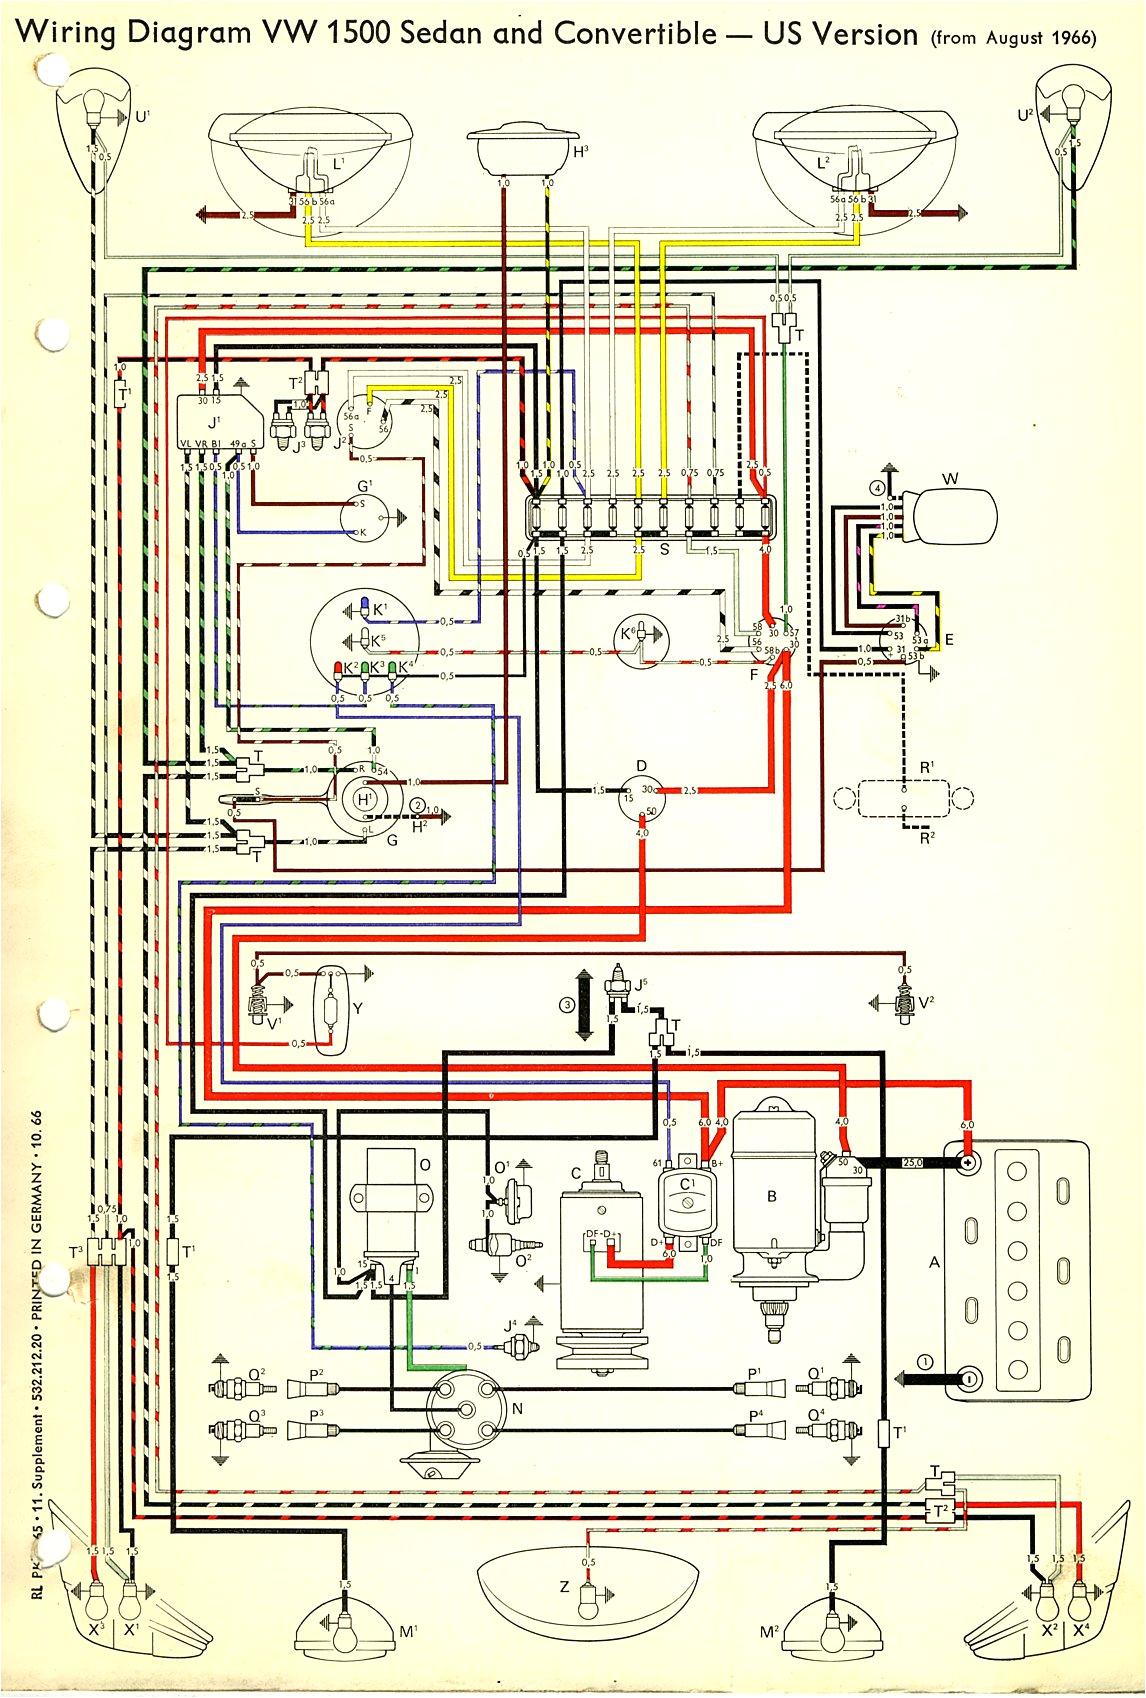 1971 vw wiring diagram book diagram schema 1971 vw super beetle fuse box diagram 1971 vw super beetle fuse diagram